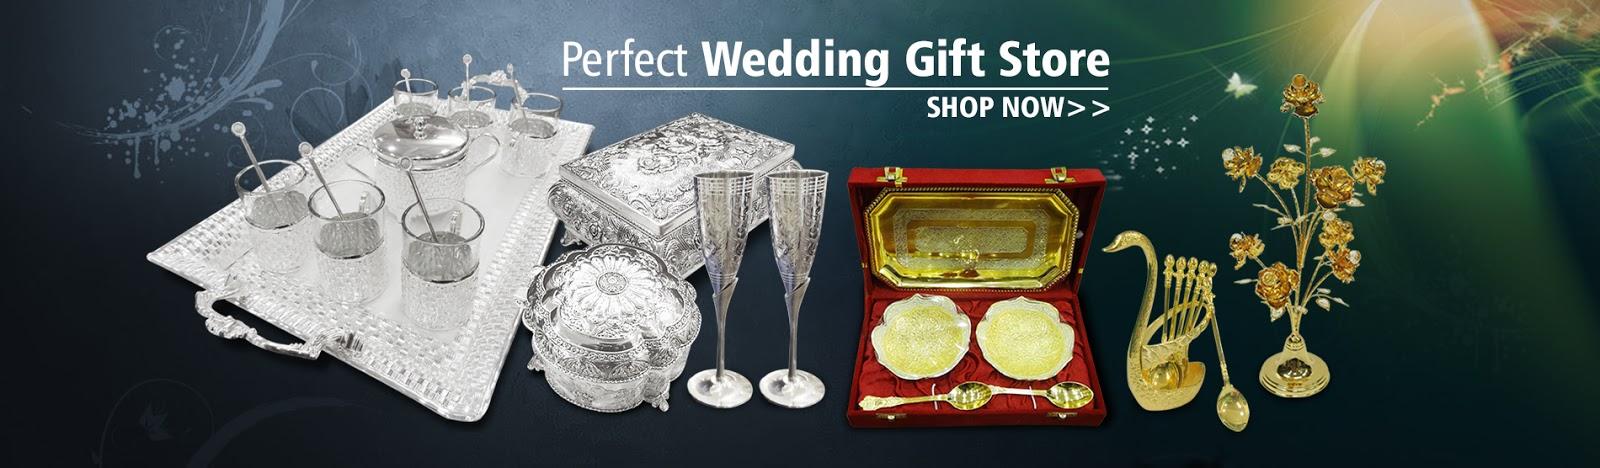 Cdc gift shop online